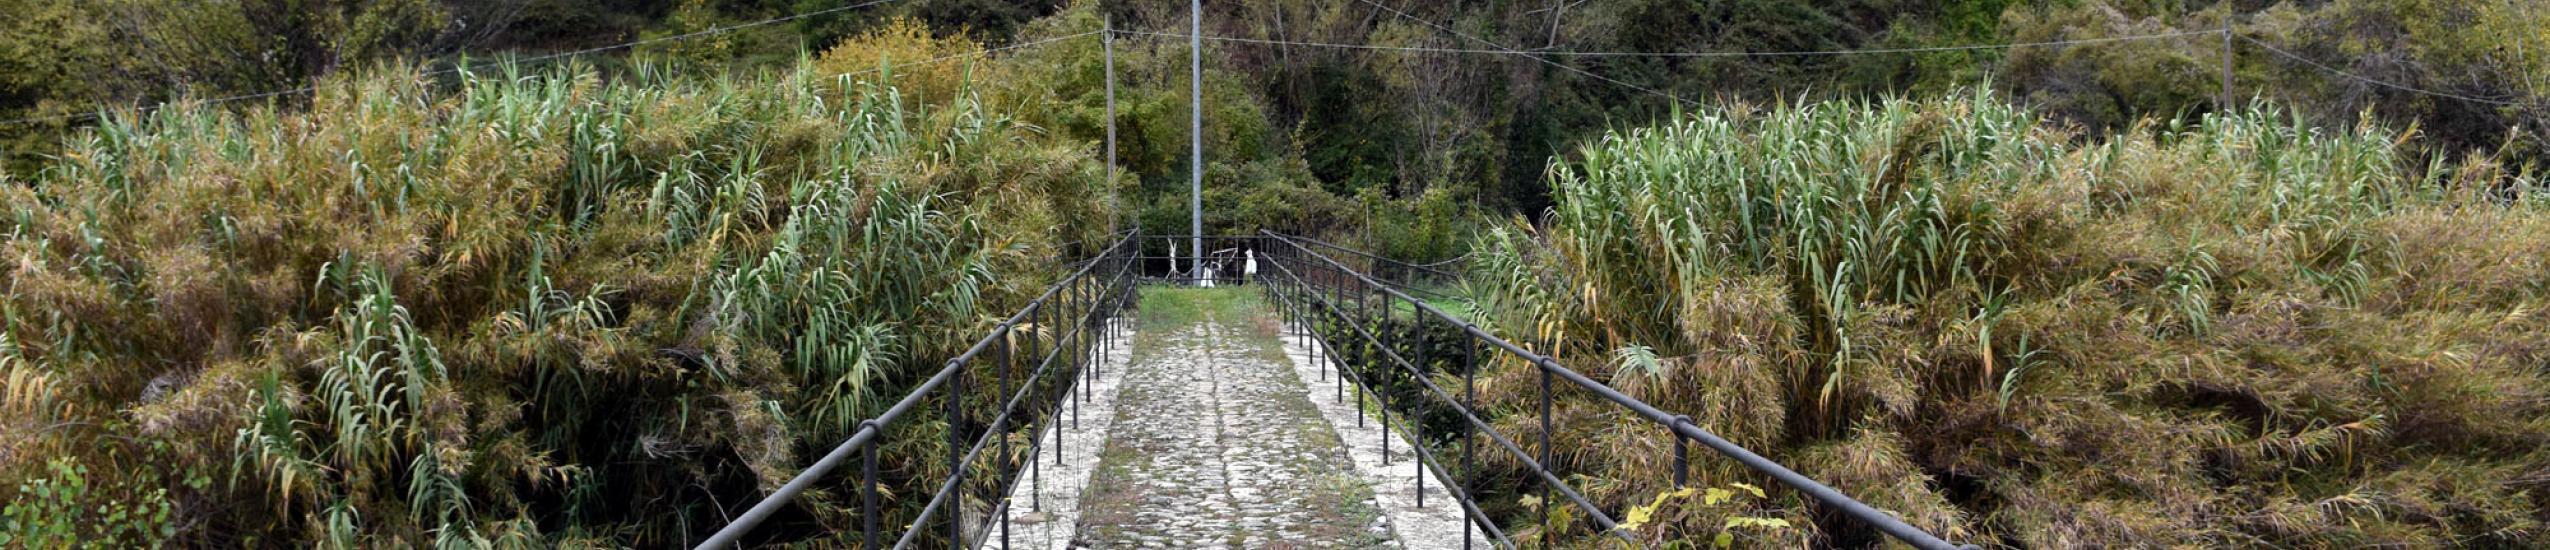 Antico ponte di Frisolino